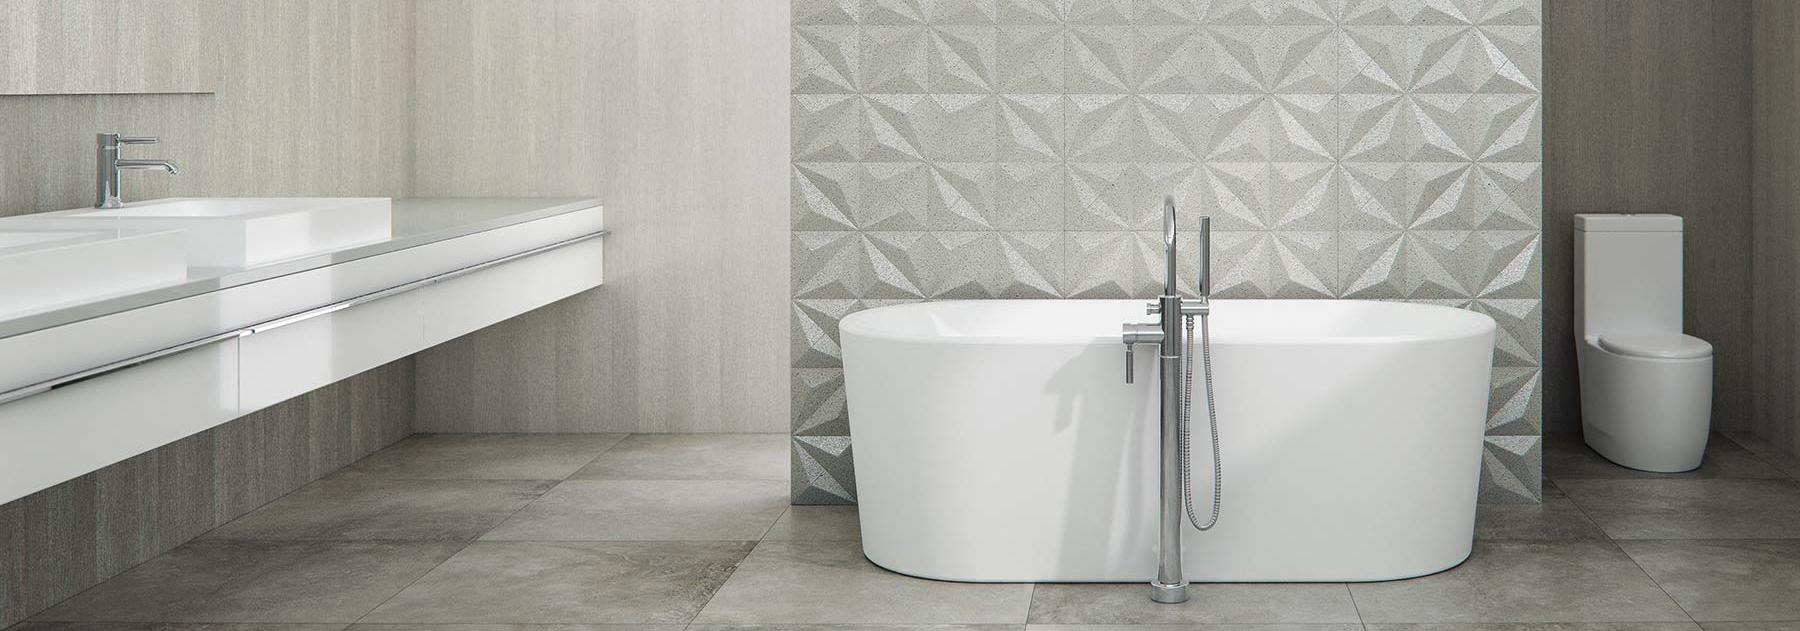 Những mẫu bồn tắm 1m6 đặt sàn cao cấp của TOTO